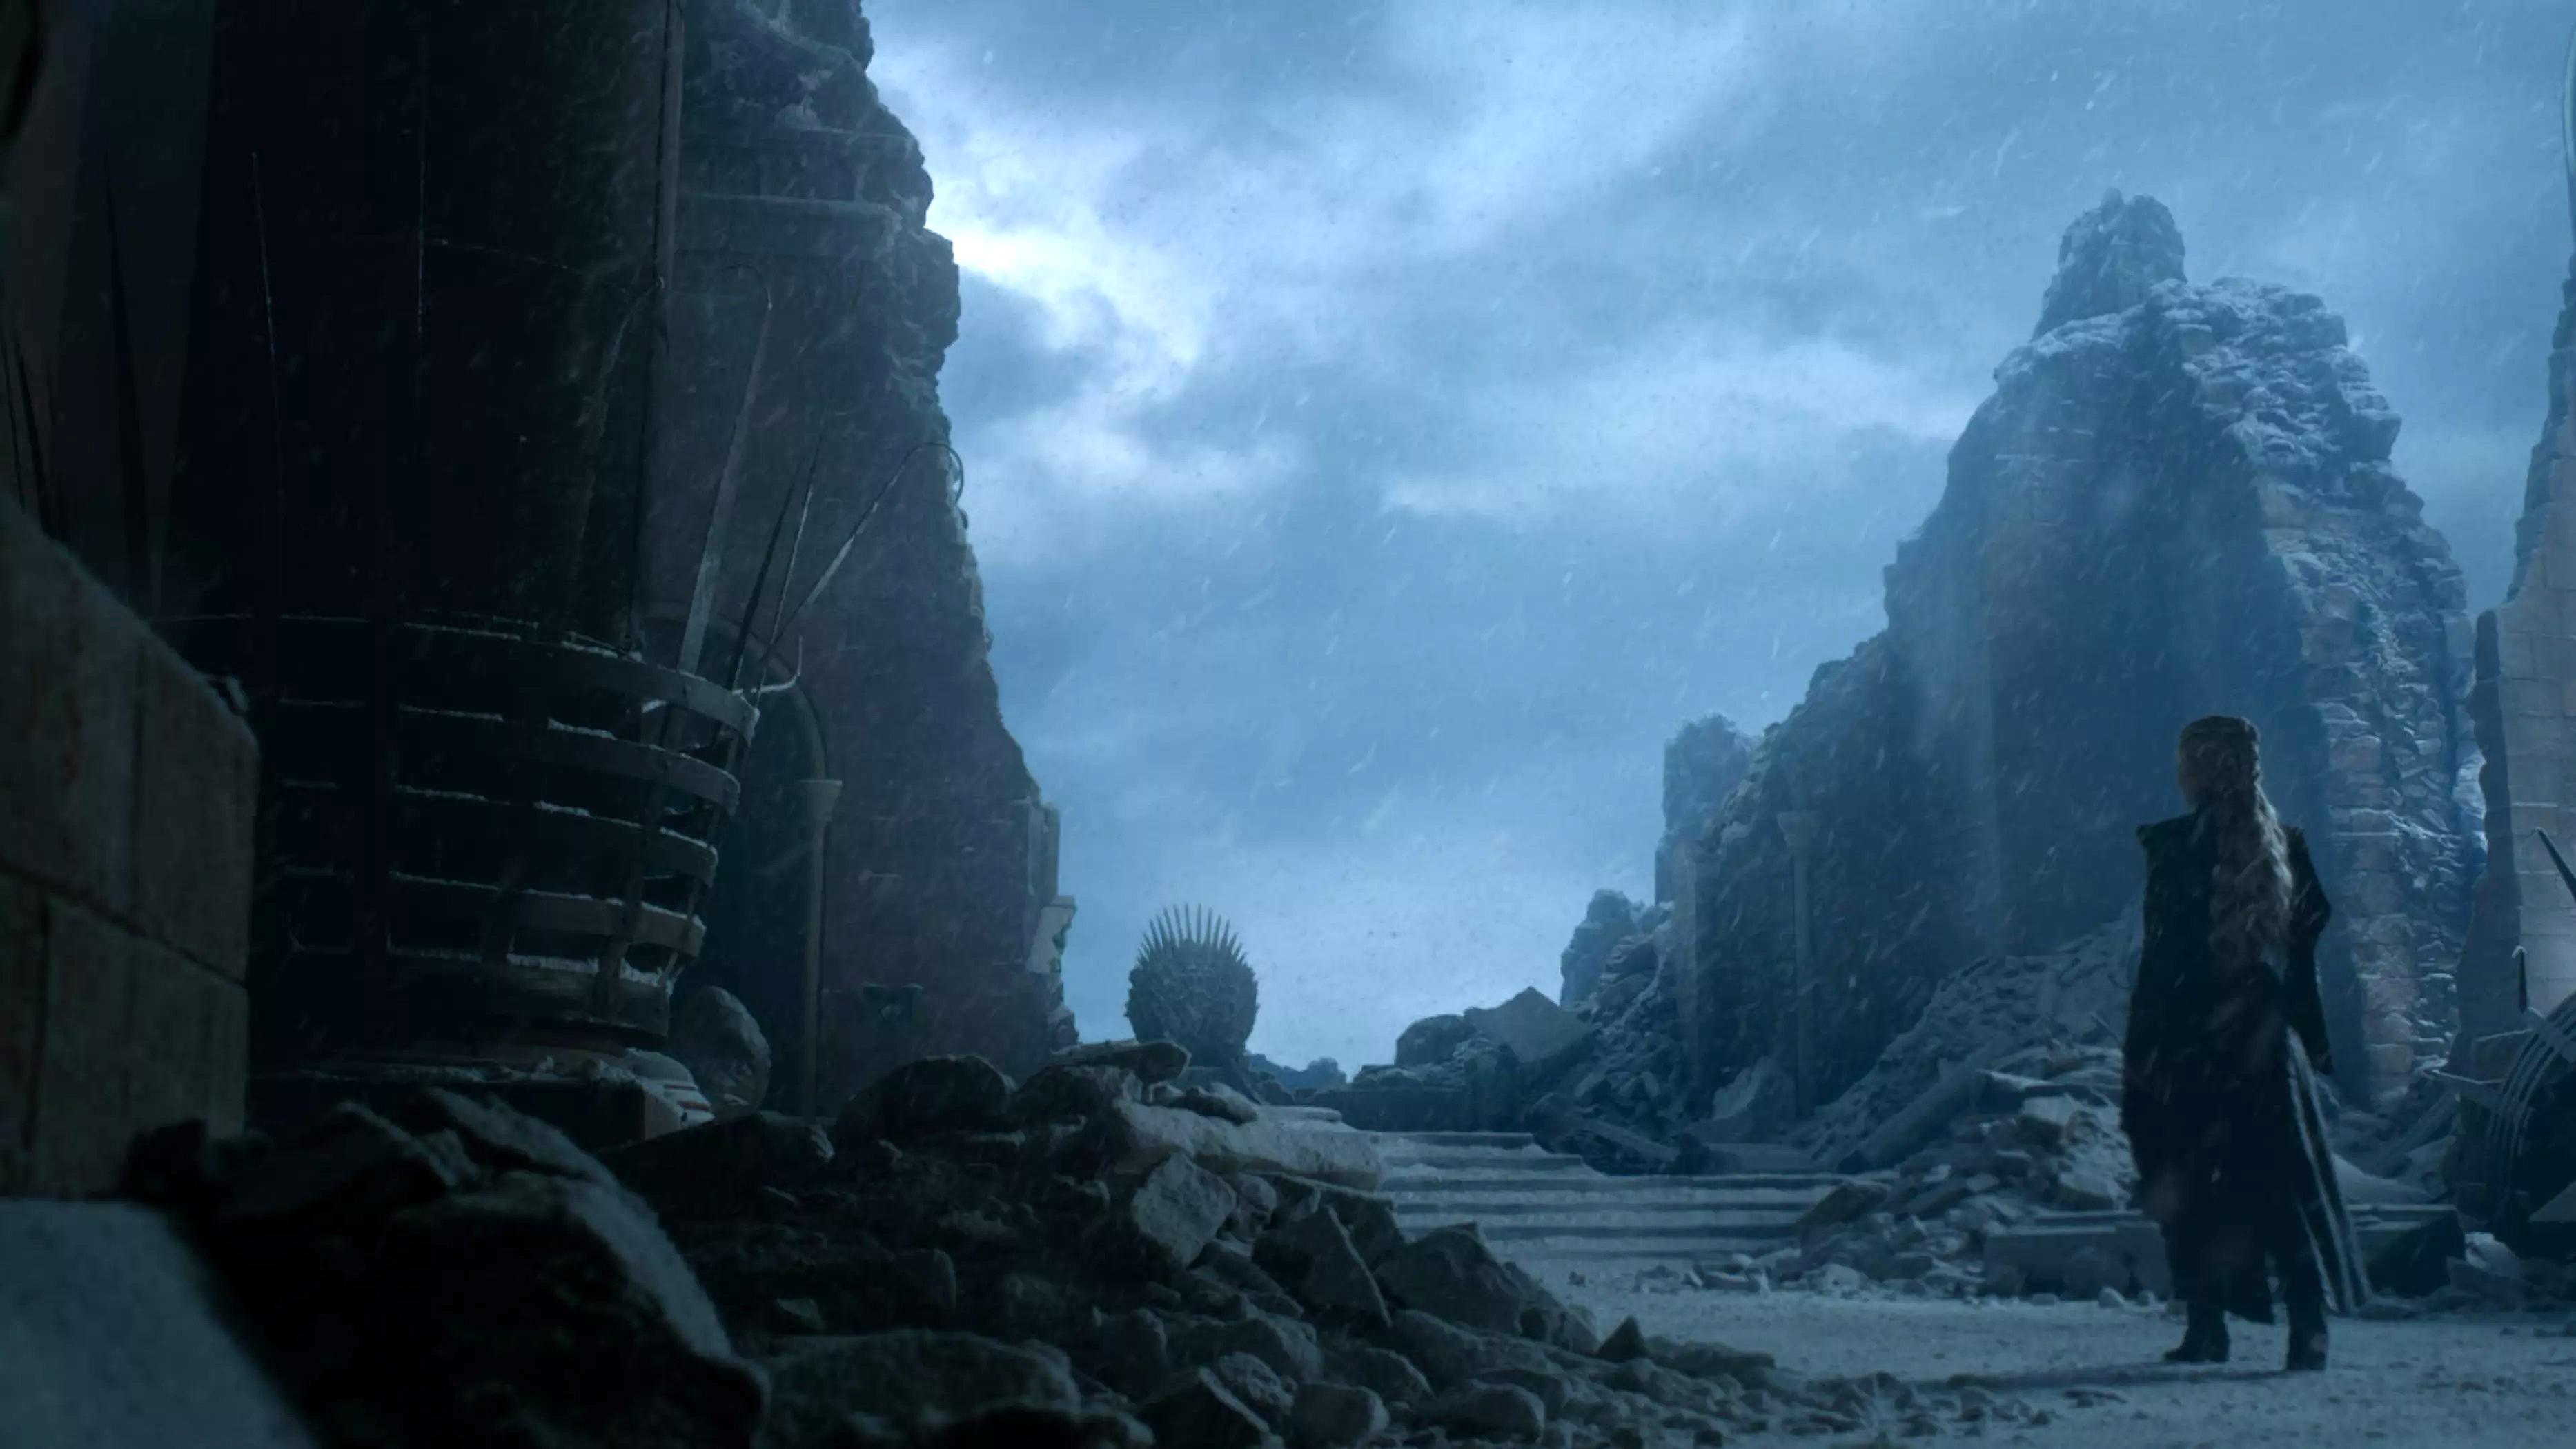 8x06 - The Iron সিংহাসন - Daenerys